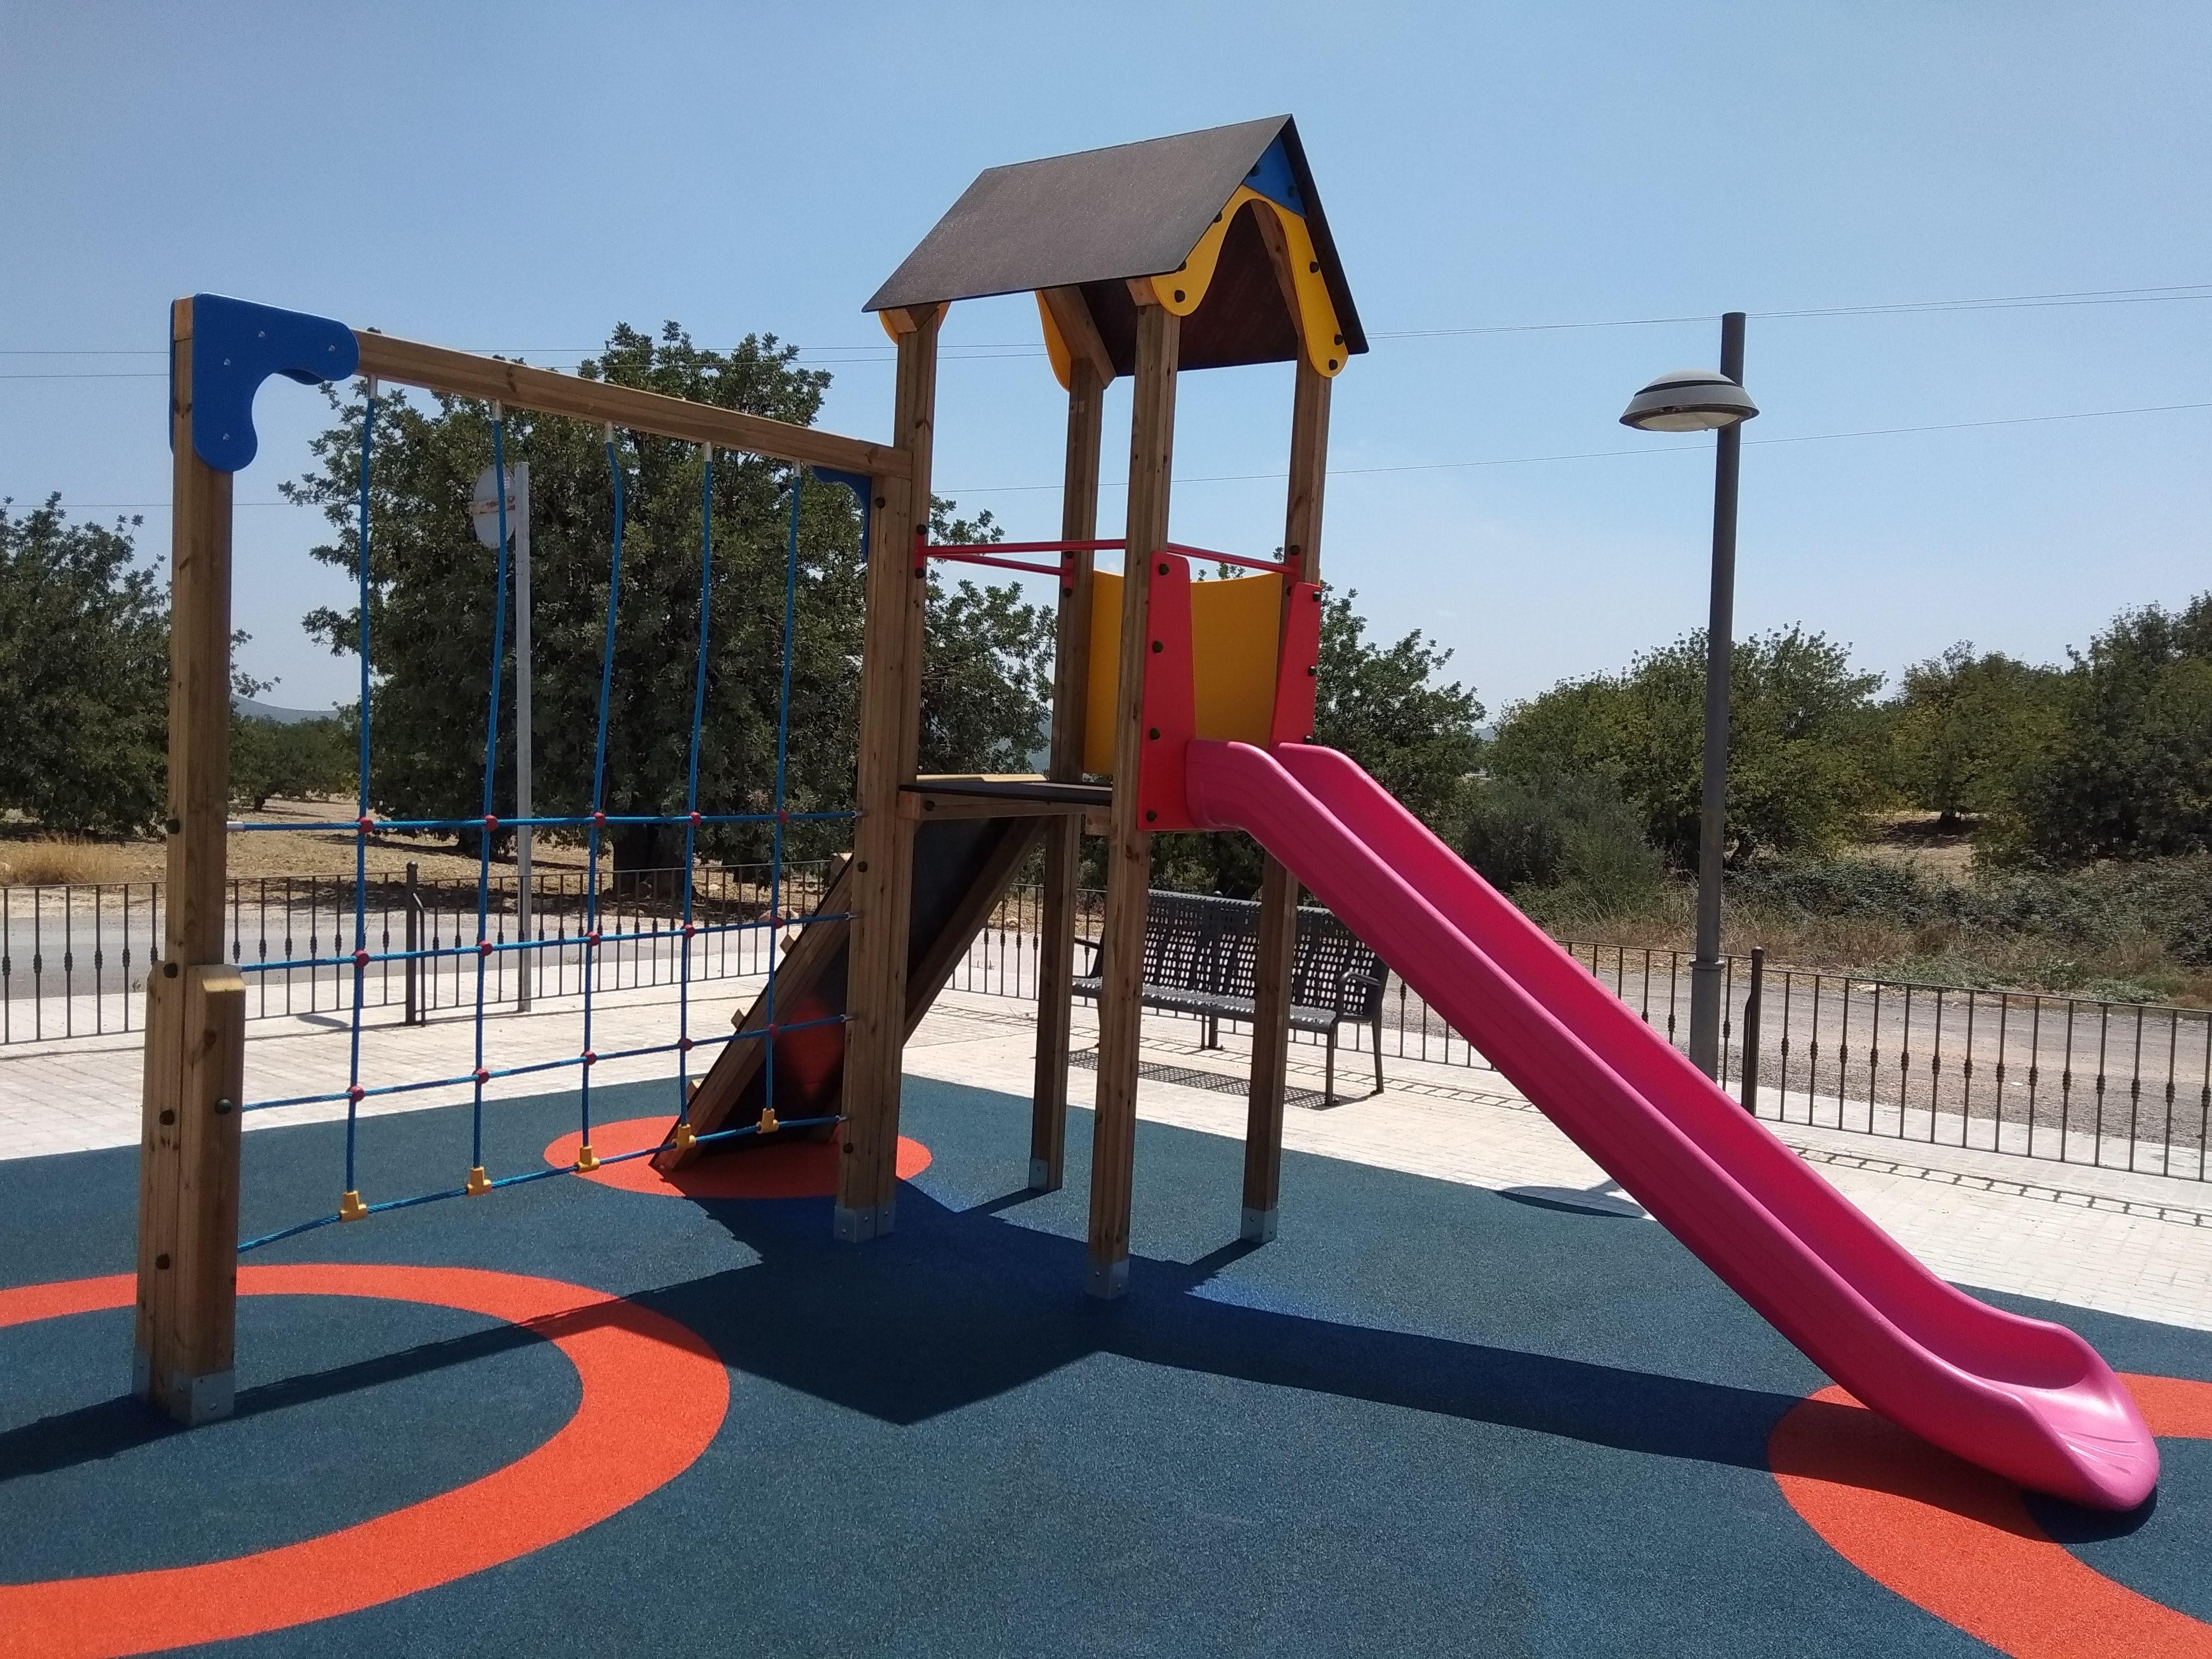 """Ara tots els xiquets i xiquetes del poble poden jugar en un espai d'oci totalment renovat, segur i còmode""""."""